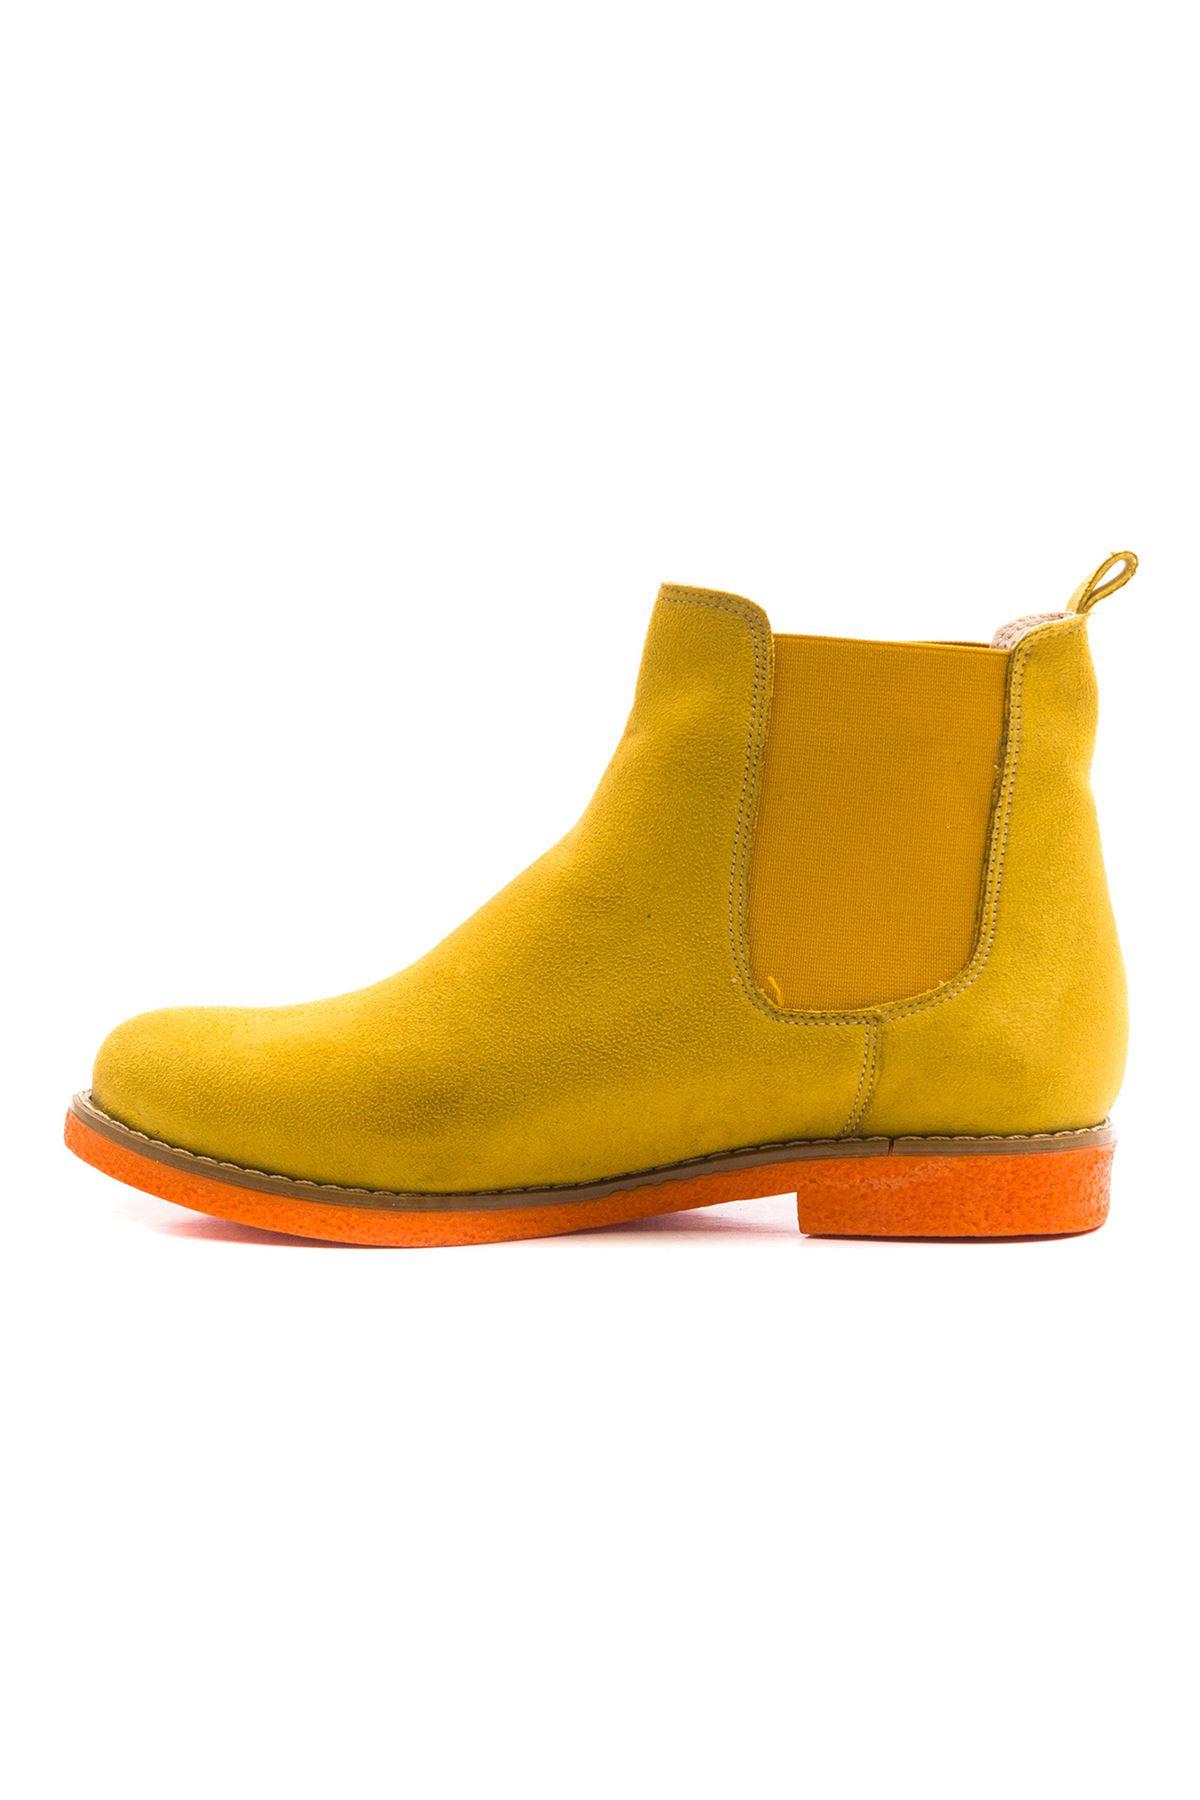 Rafflesio Kadın Bot Sarı Süet Oranj Taban